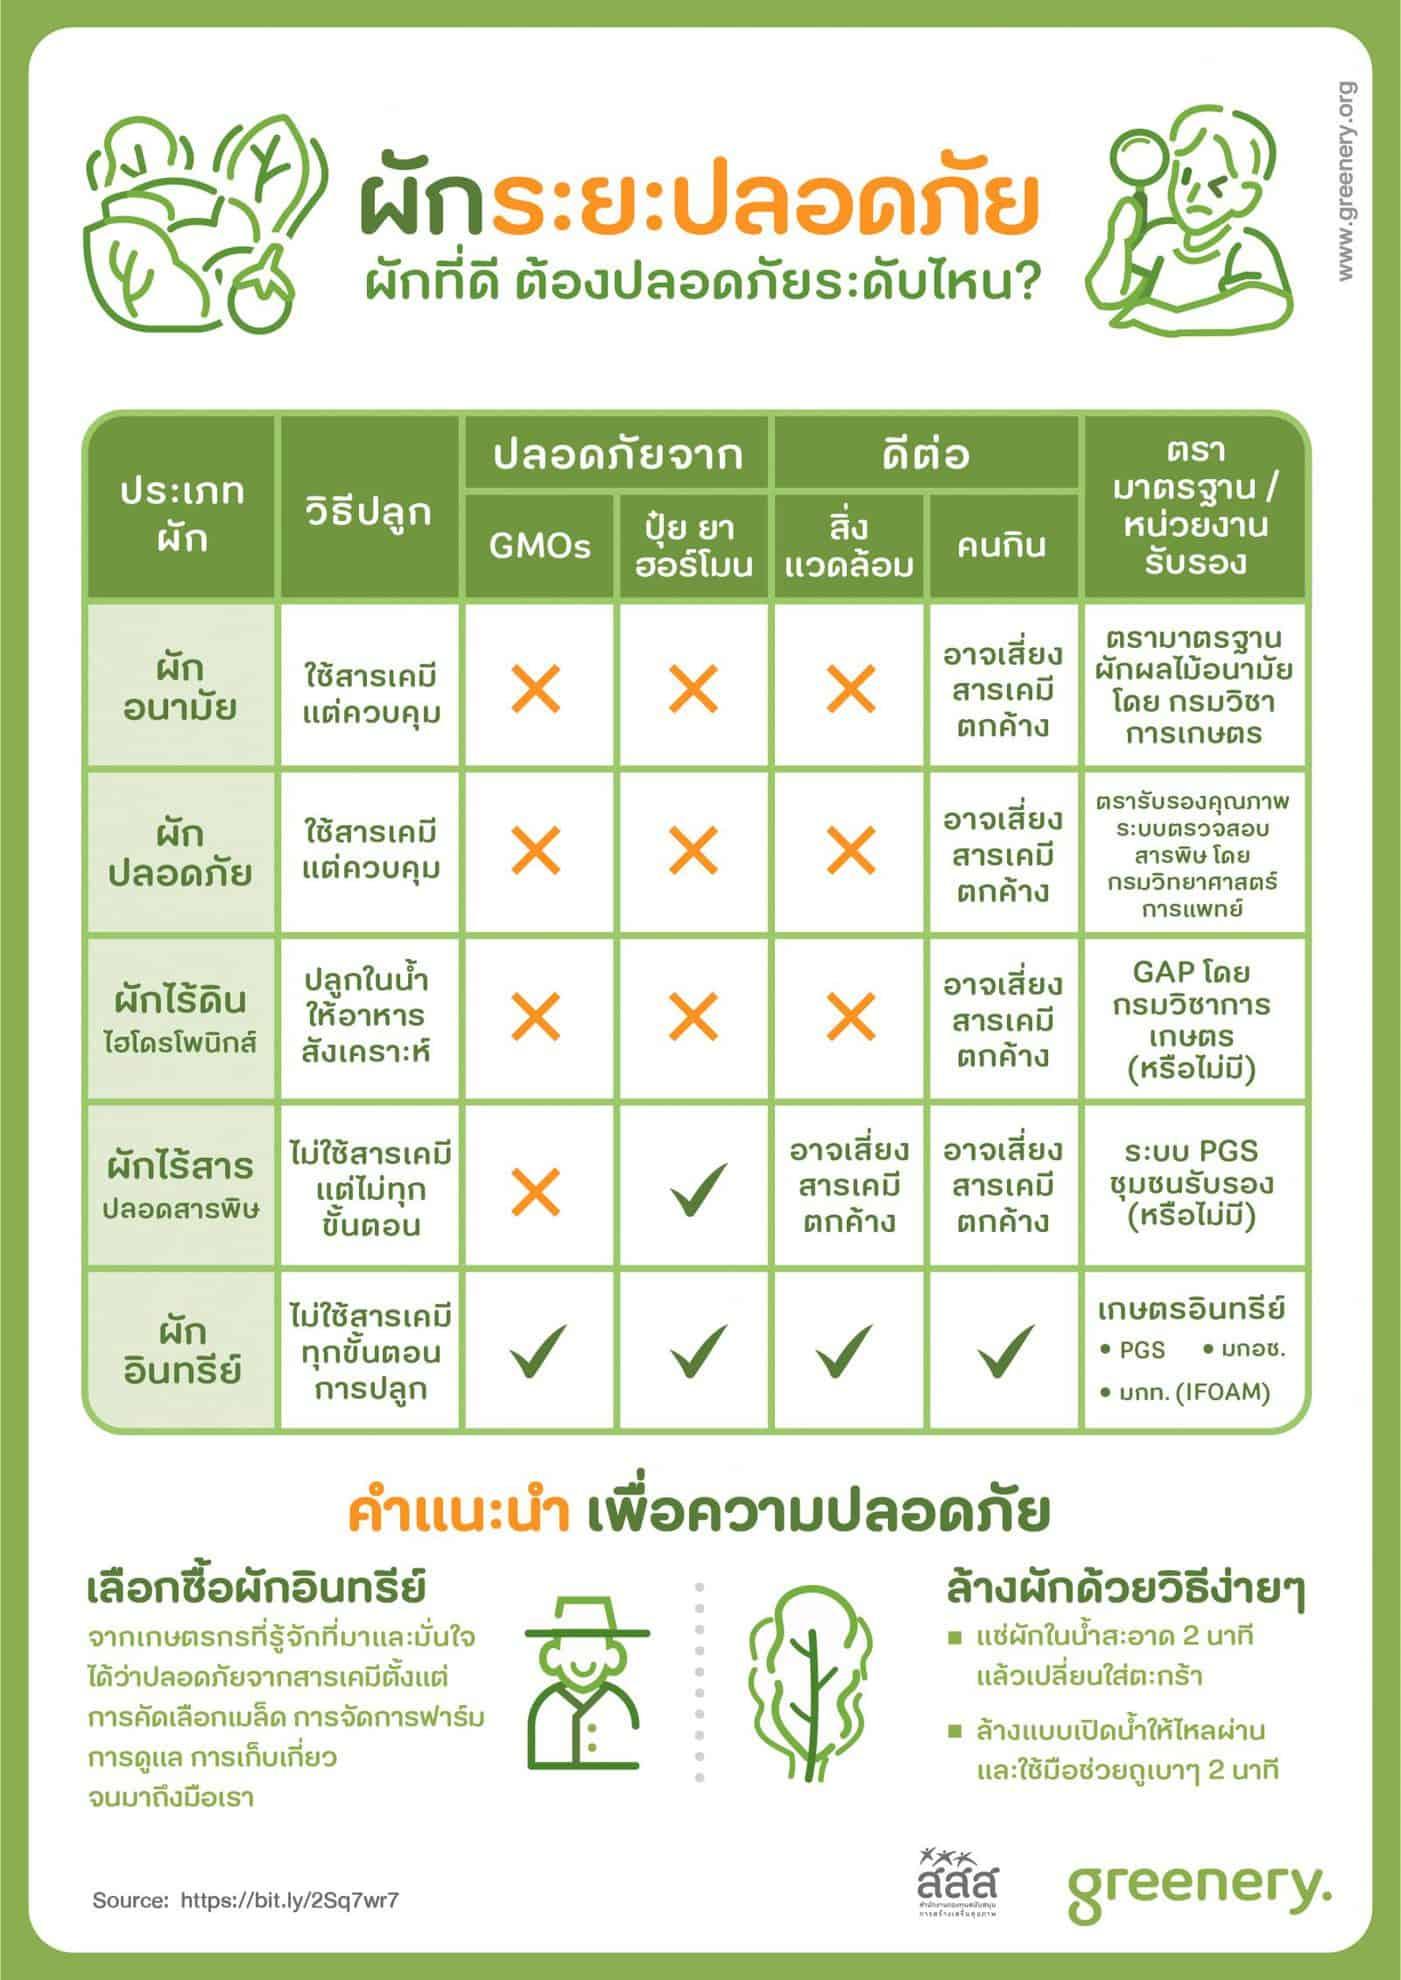 ผักที่ดี ต้องปลอดภัยระดับไหน? thaihealth